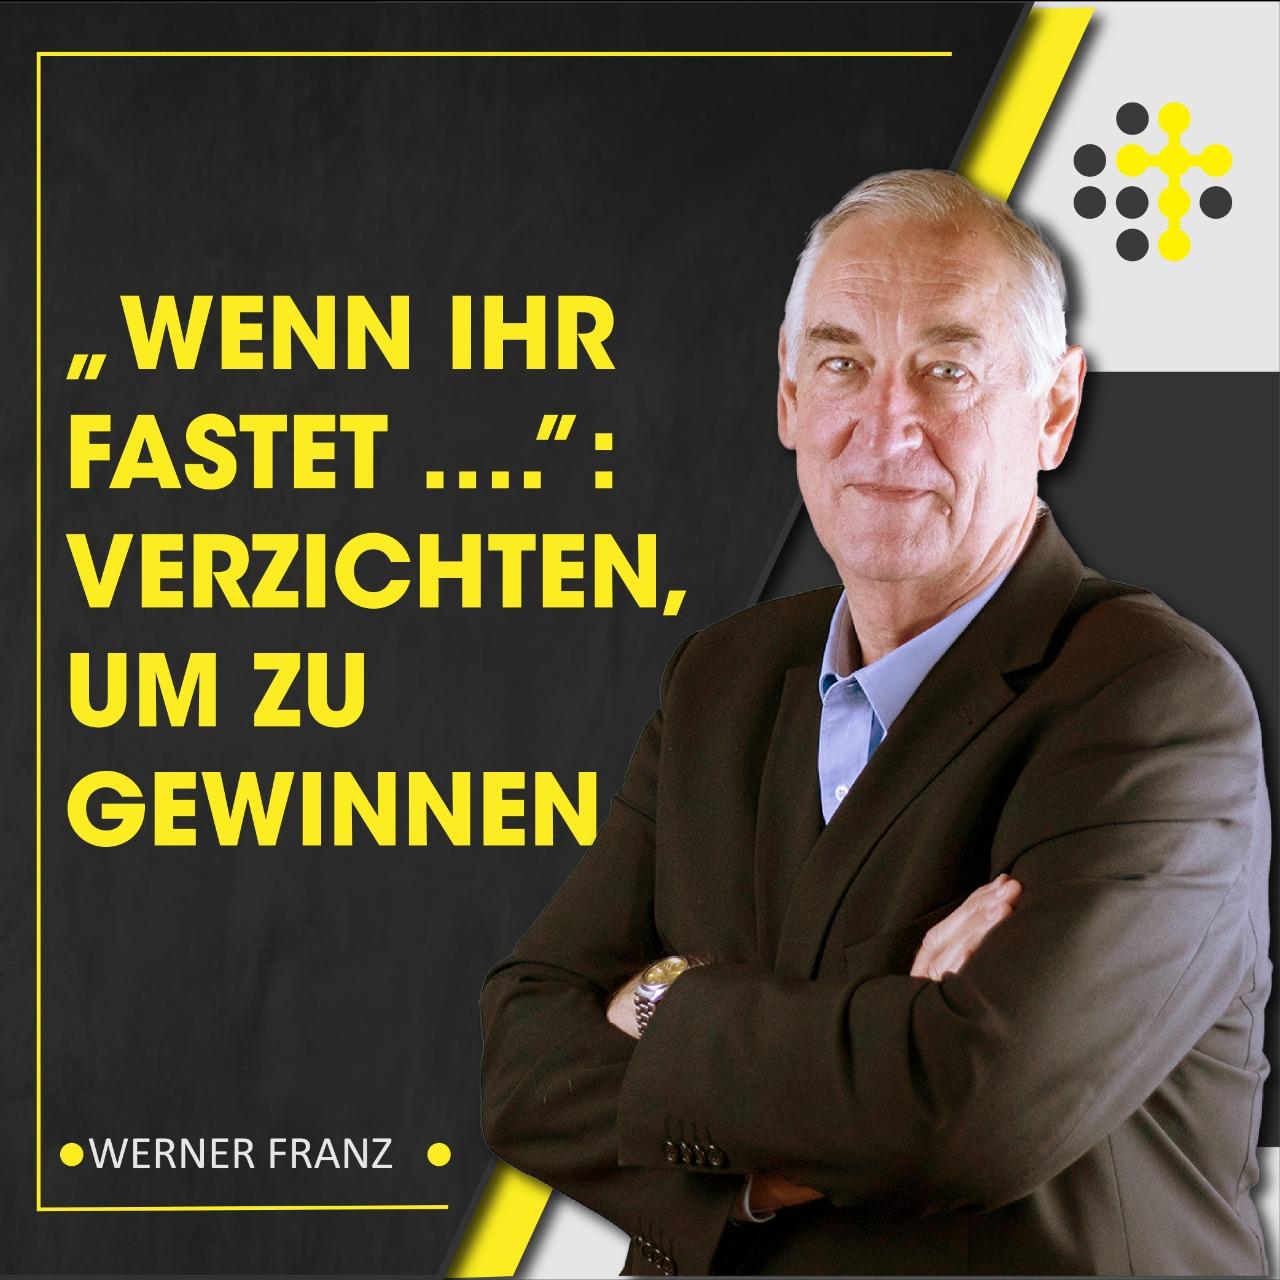 """""""Wenn ihr fastet ..."""": Verzichten, um zu gewinnen - Redner: Werner Franz"""